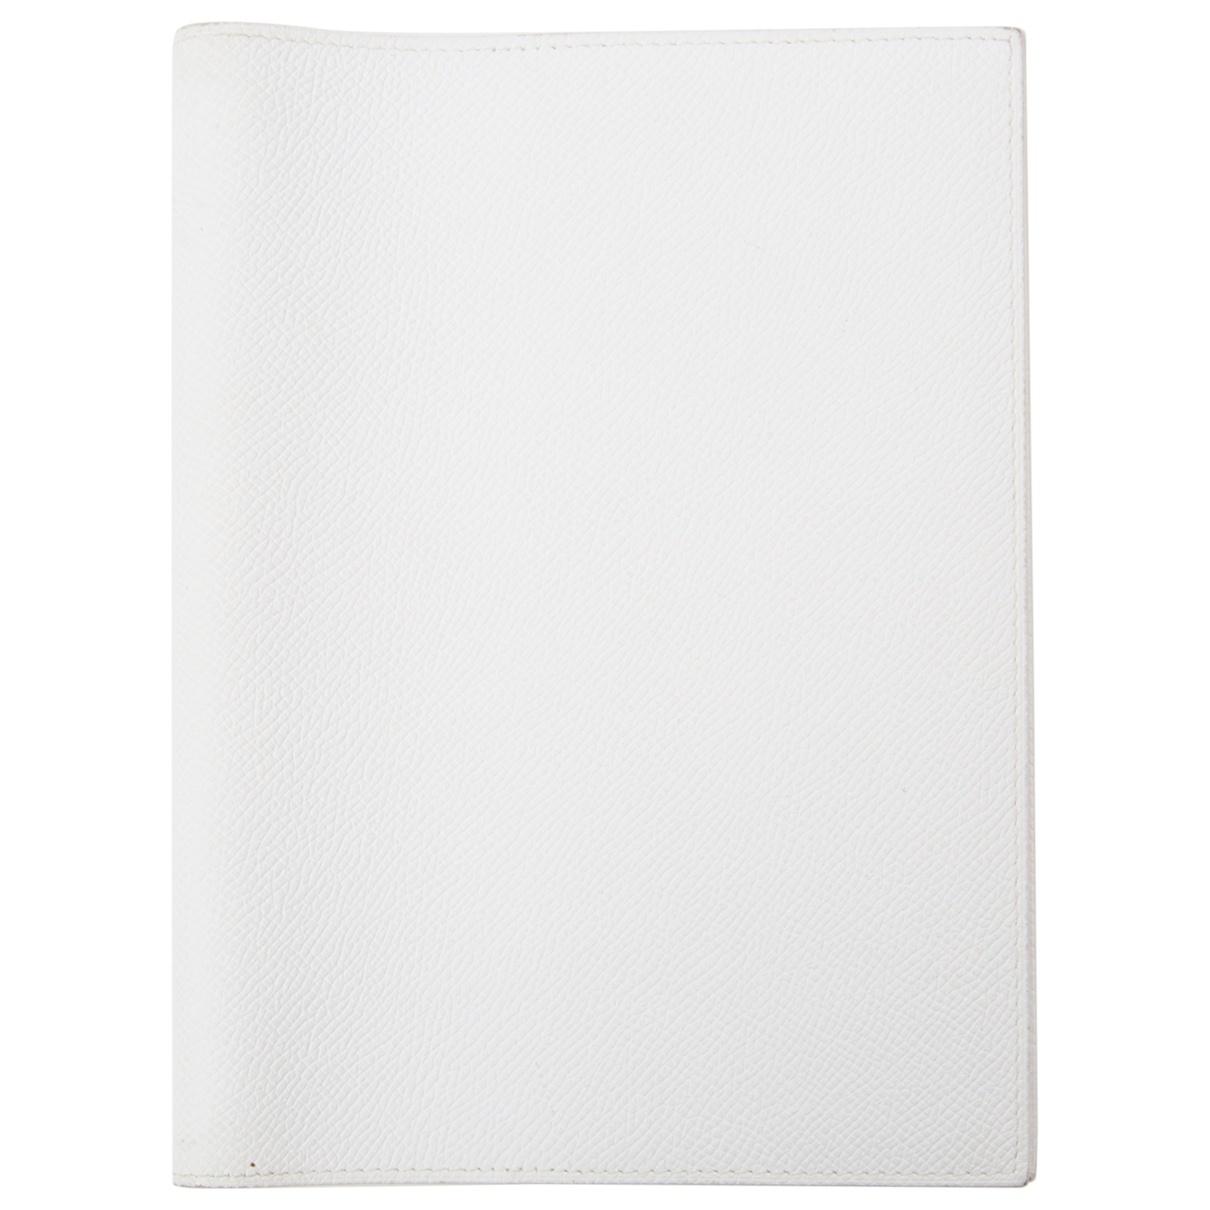 Hermes - Petite maroquinerie   pour femme en cuir - blanc